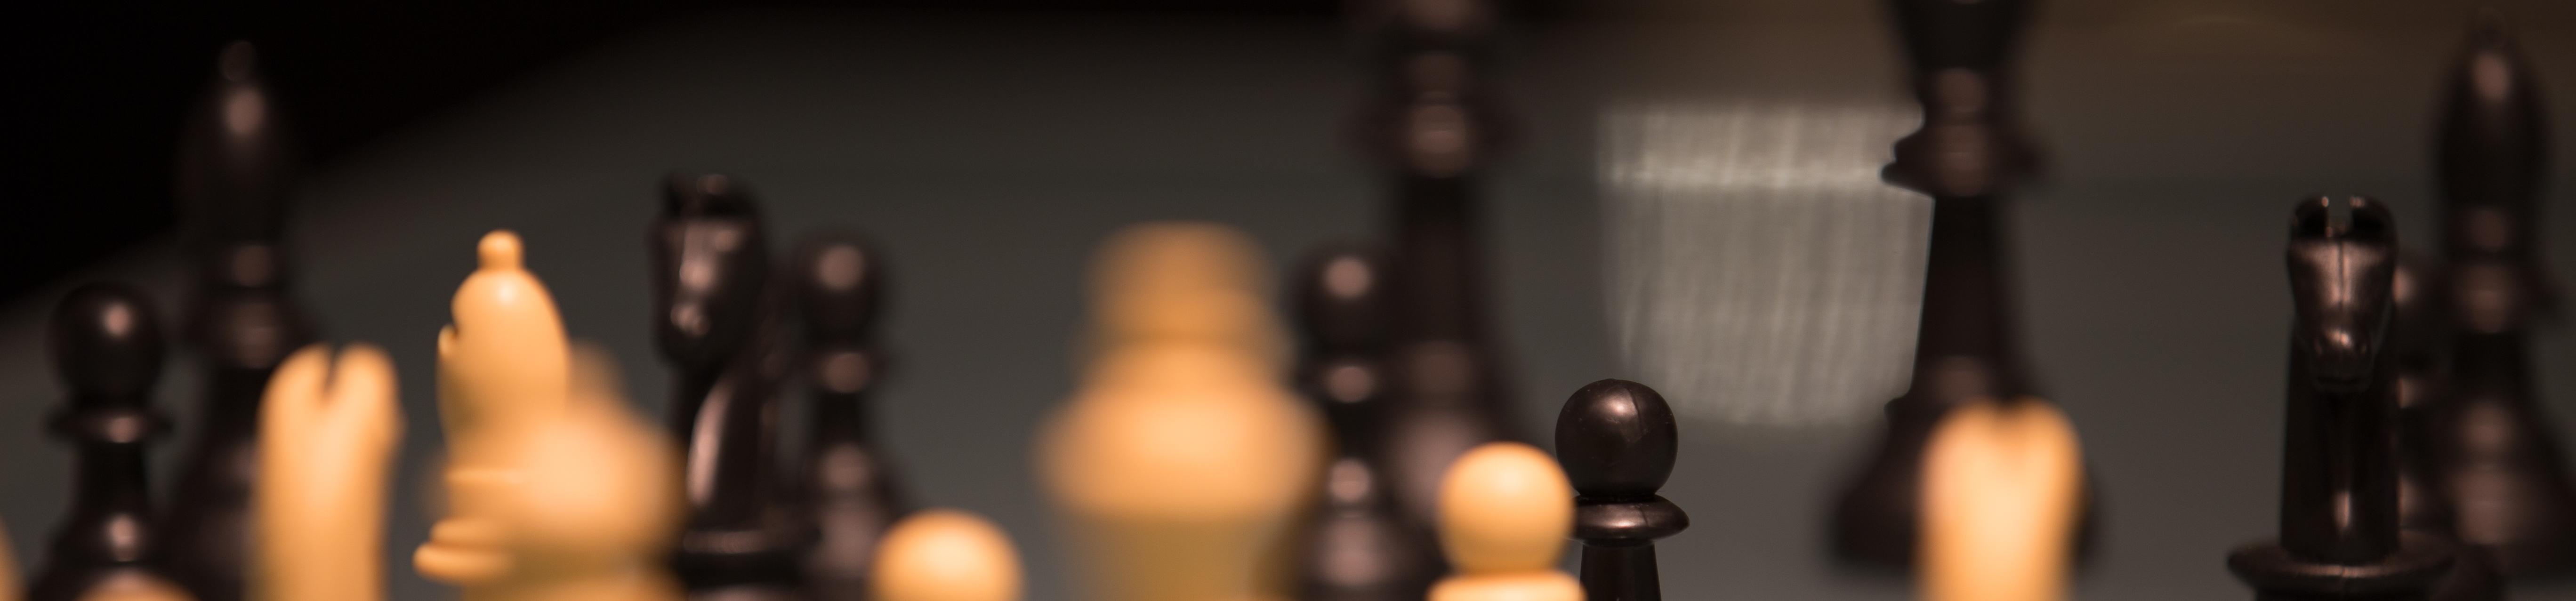 Schachfiguren-2